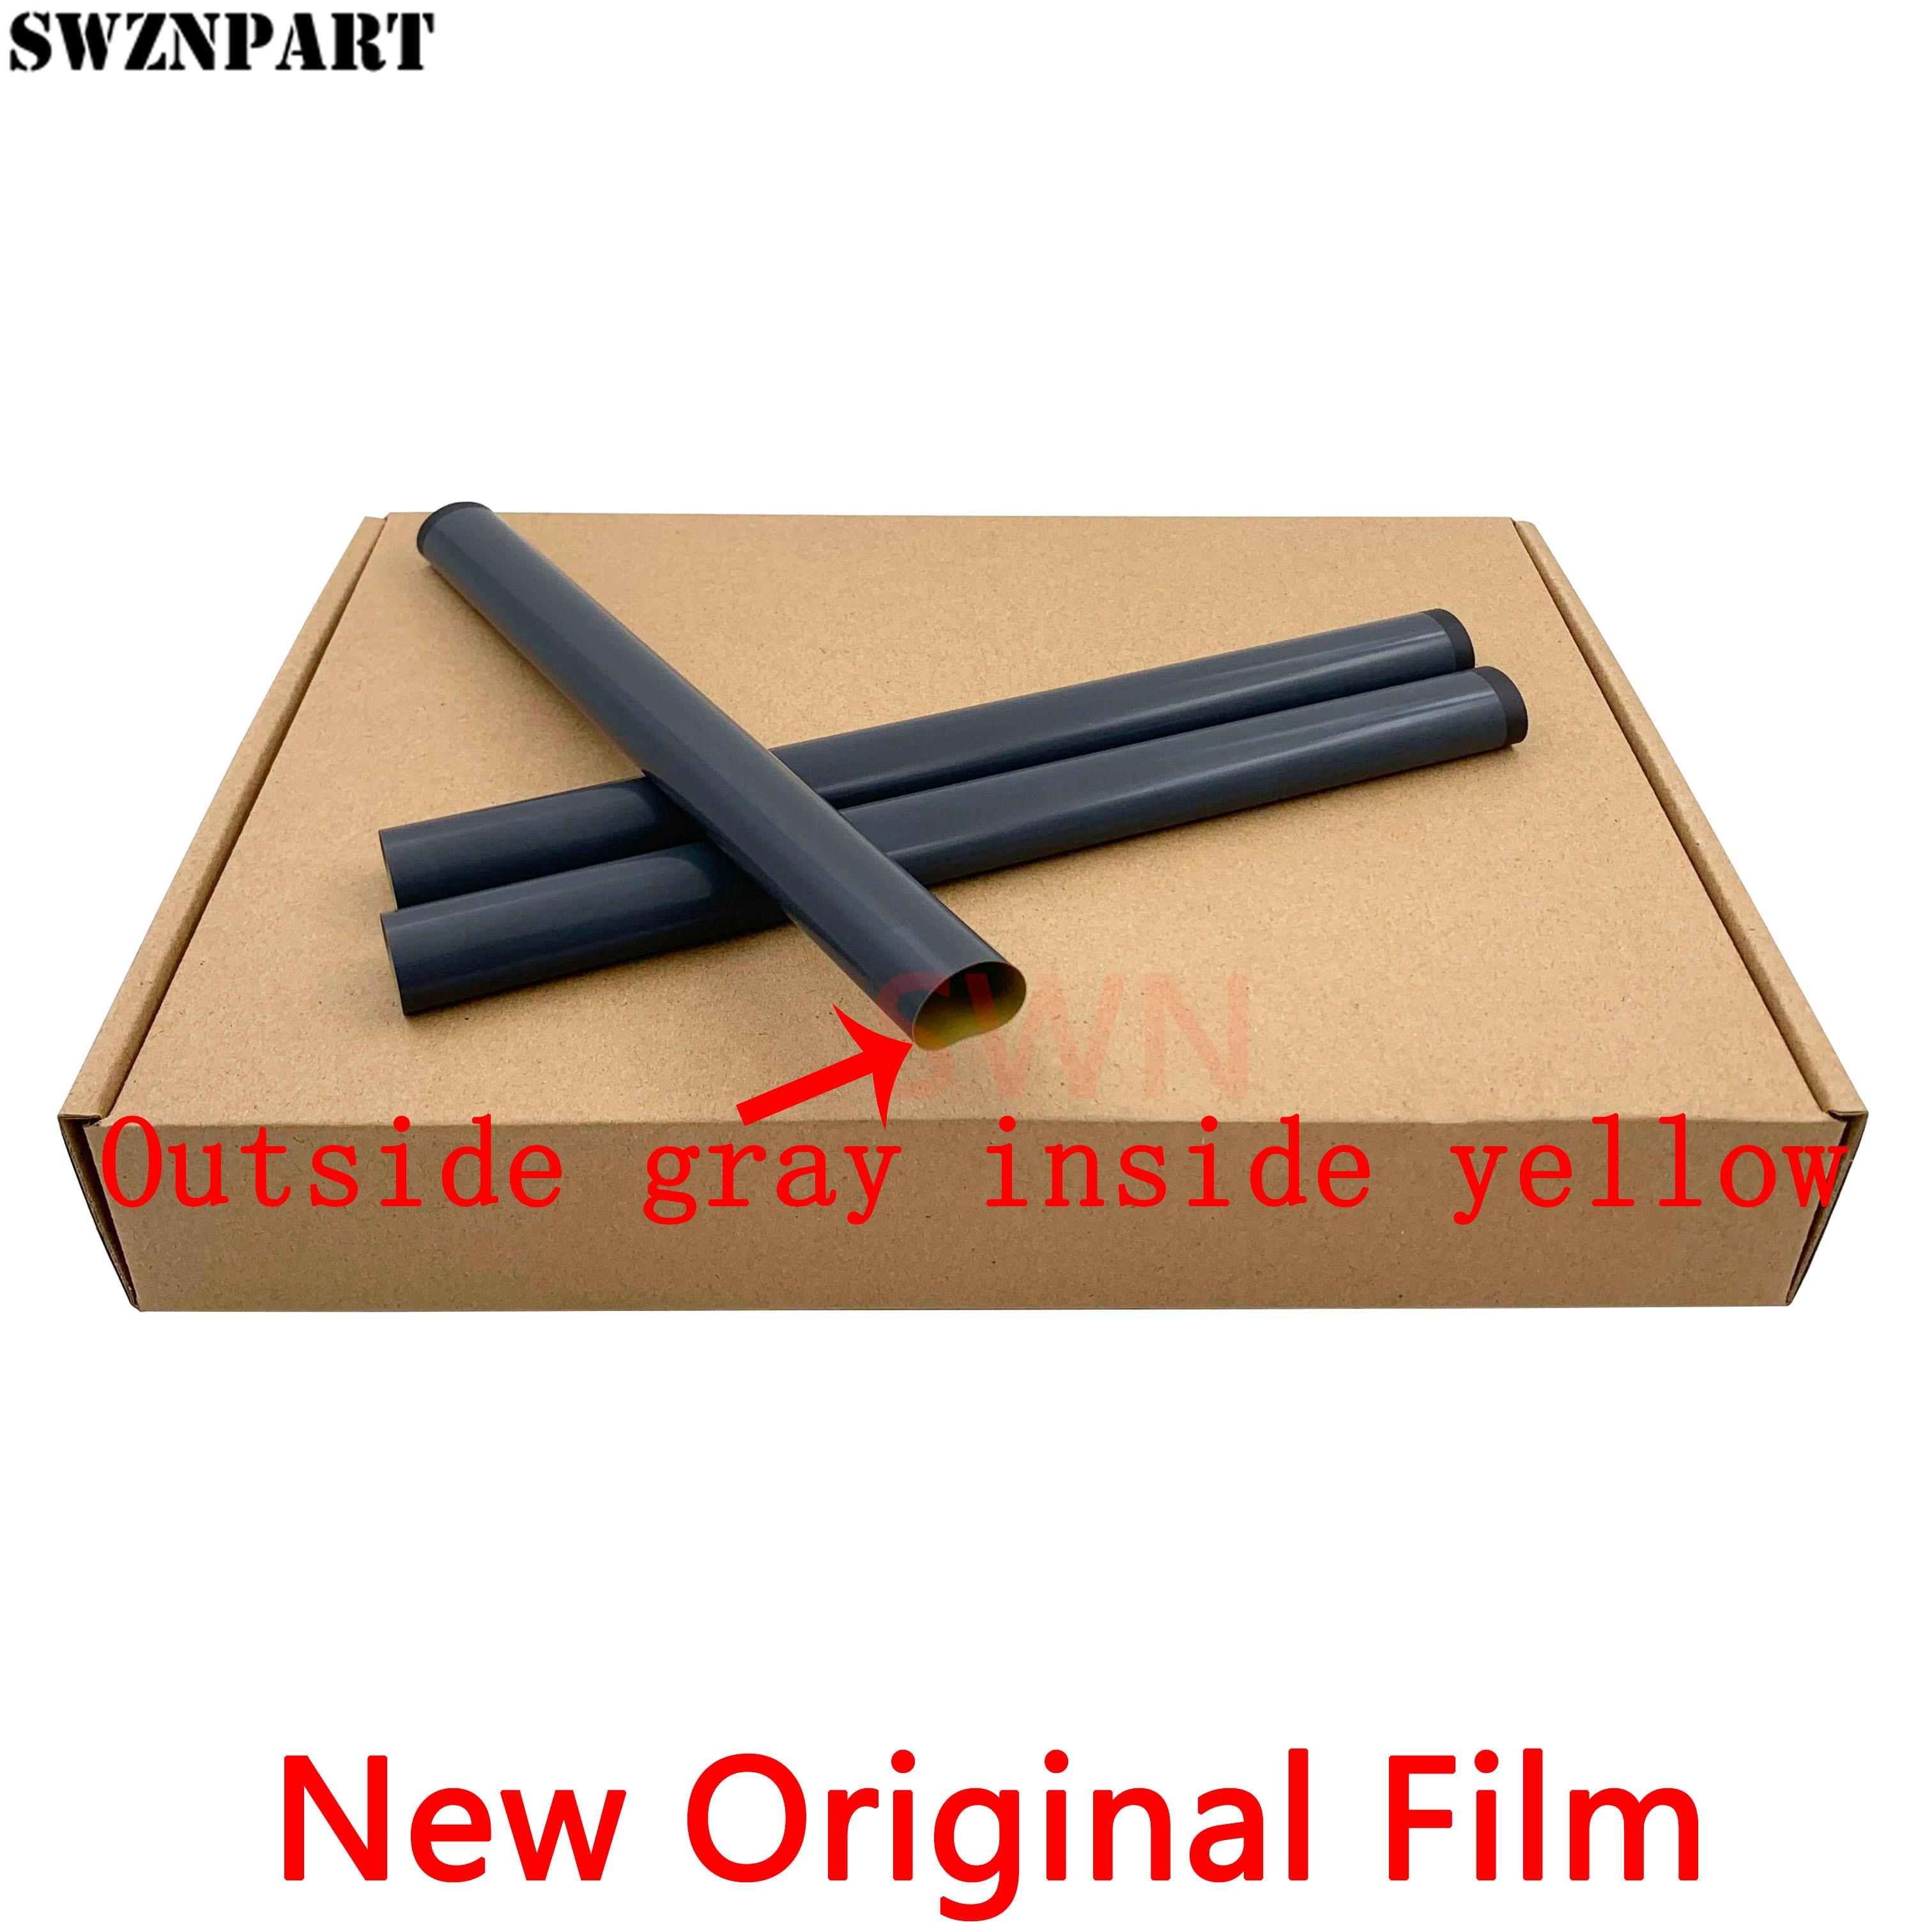 Fuser Film Sleeve For HP P1102 P1106 P1108 M125 M126 M127 M128 M129 M1566 M1606 M1536 M202 M201 M255 M226 1160 1320 2014 2015